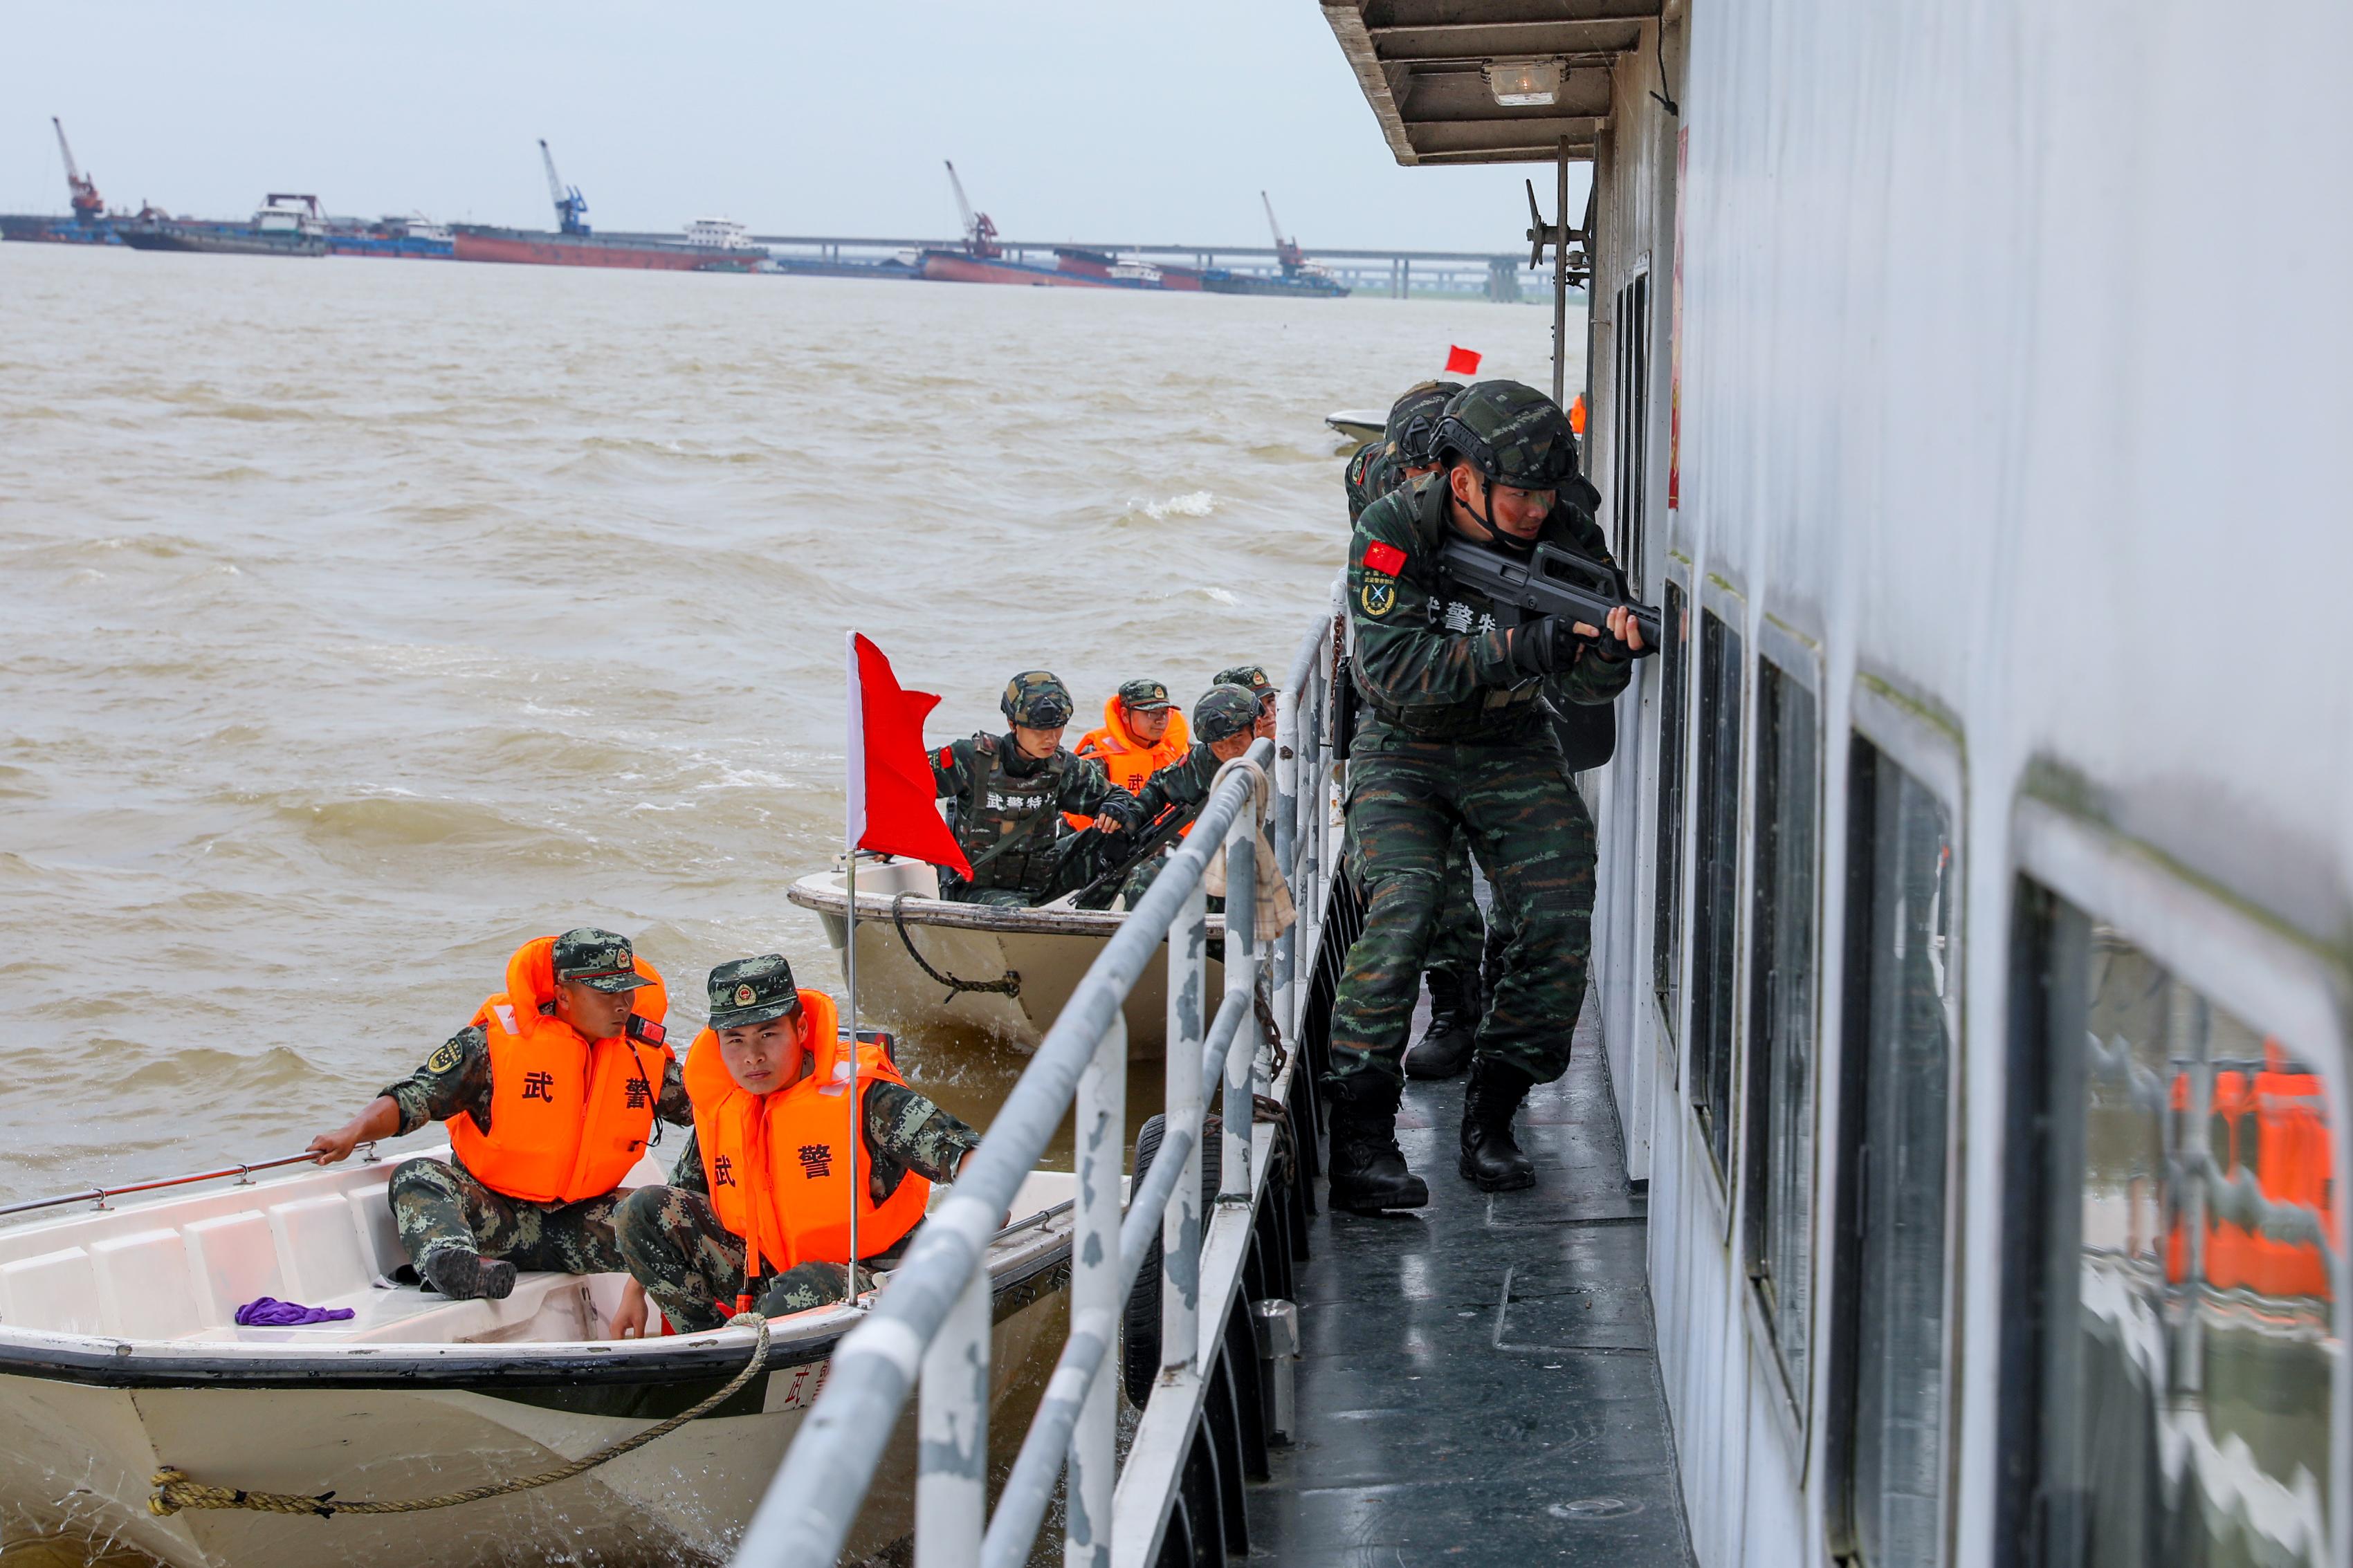 武警岳阳支队开展水上联合救援暨反恐演练